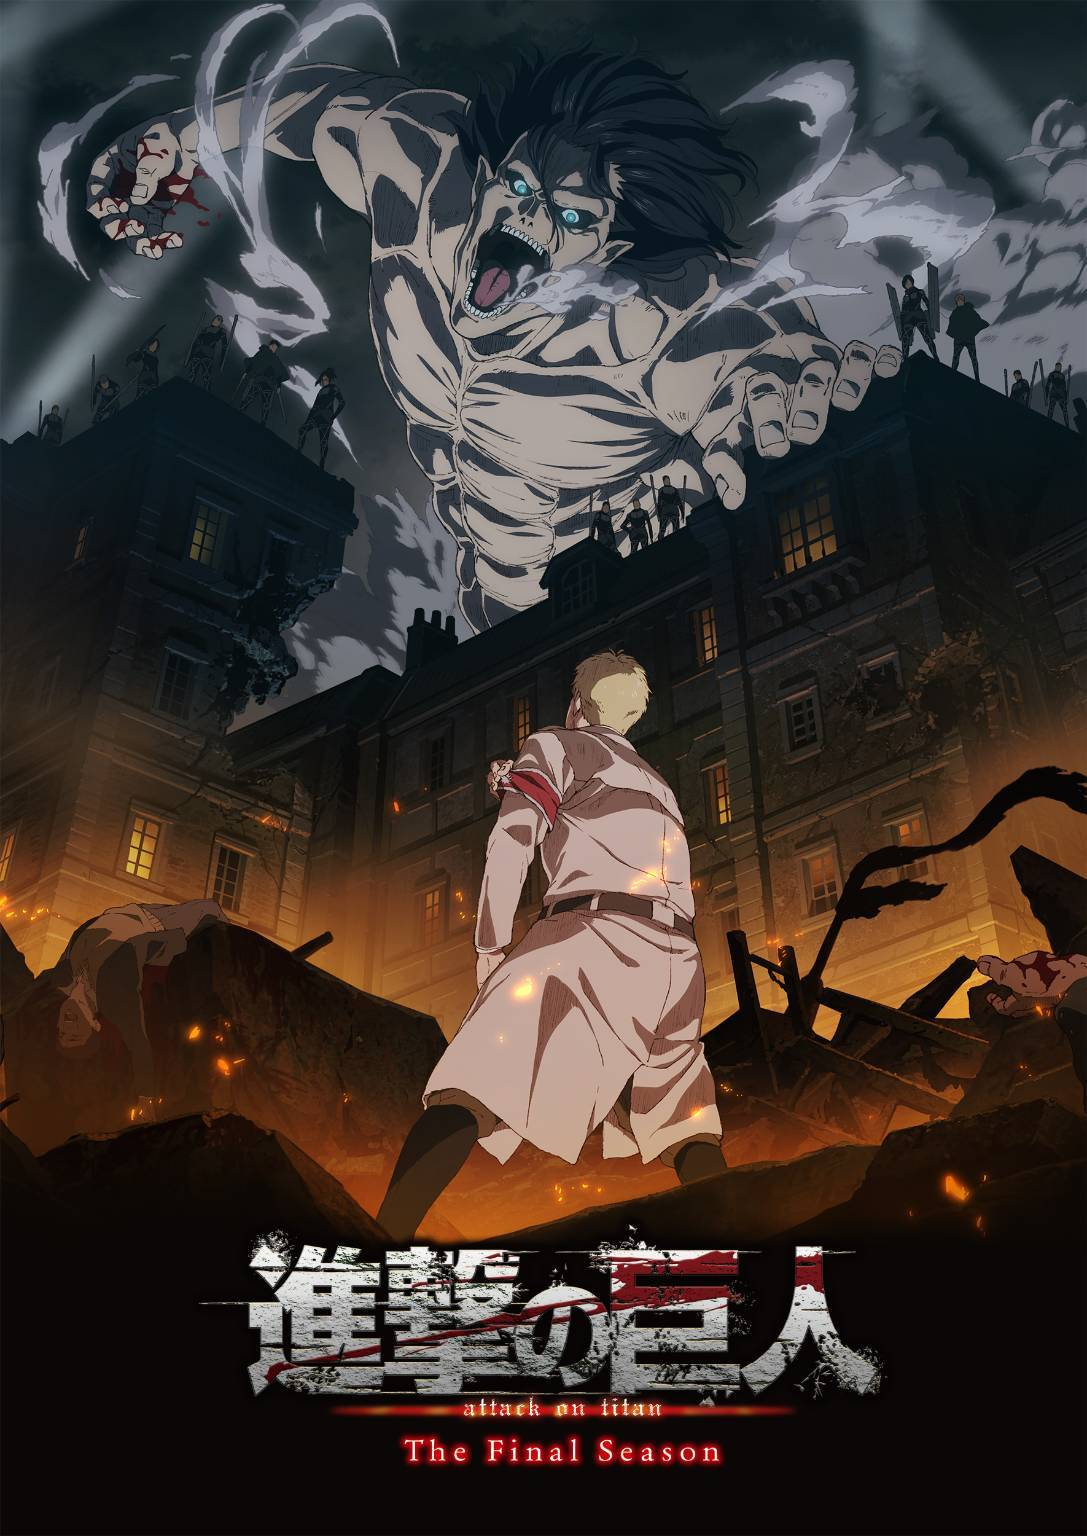 Attacco dei giganti final season poster